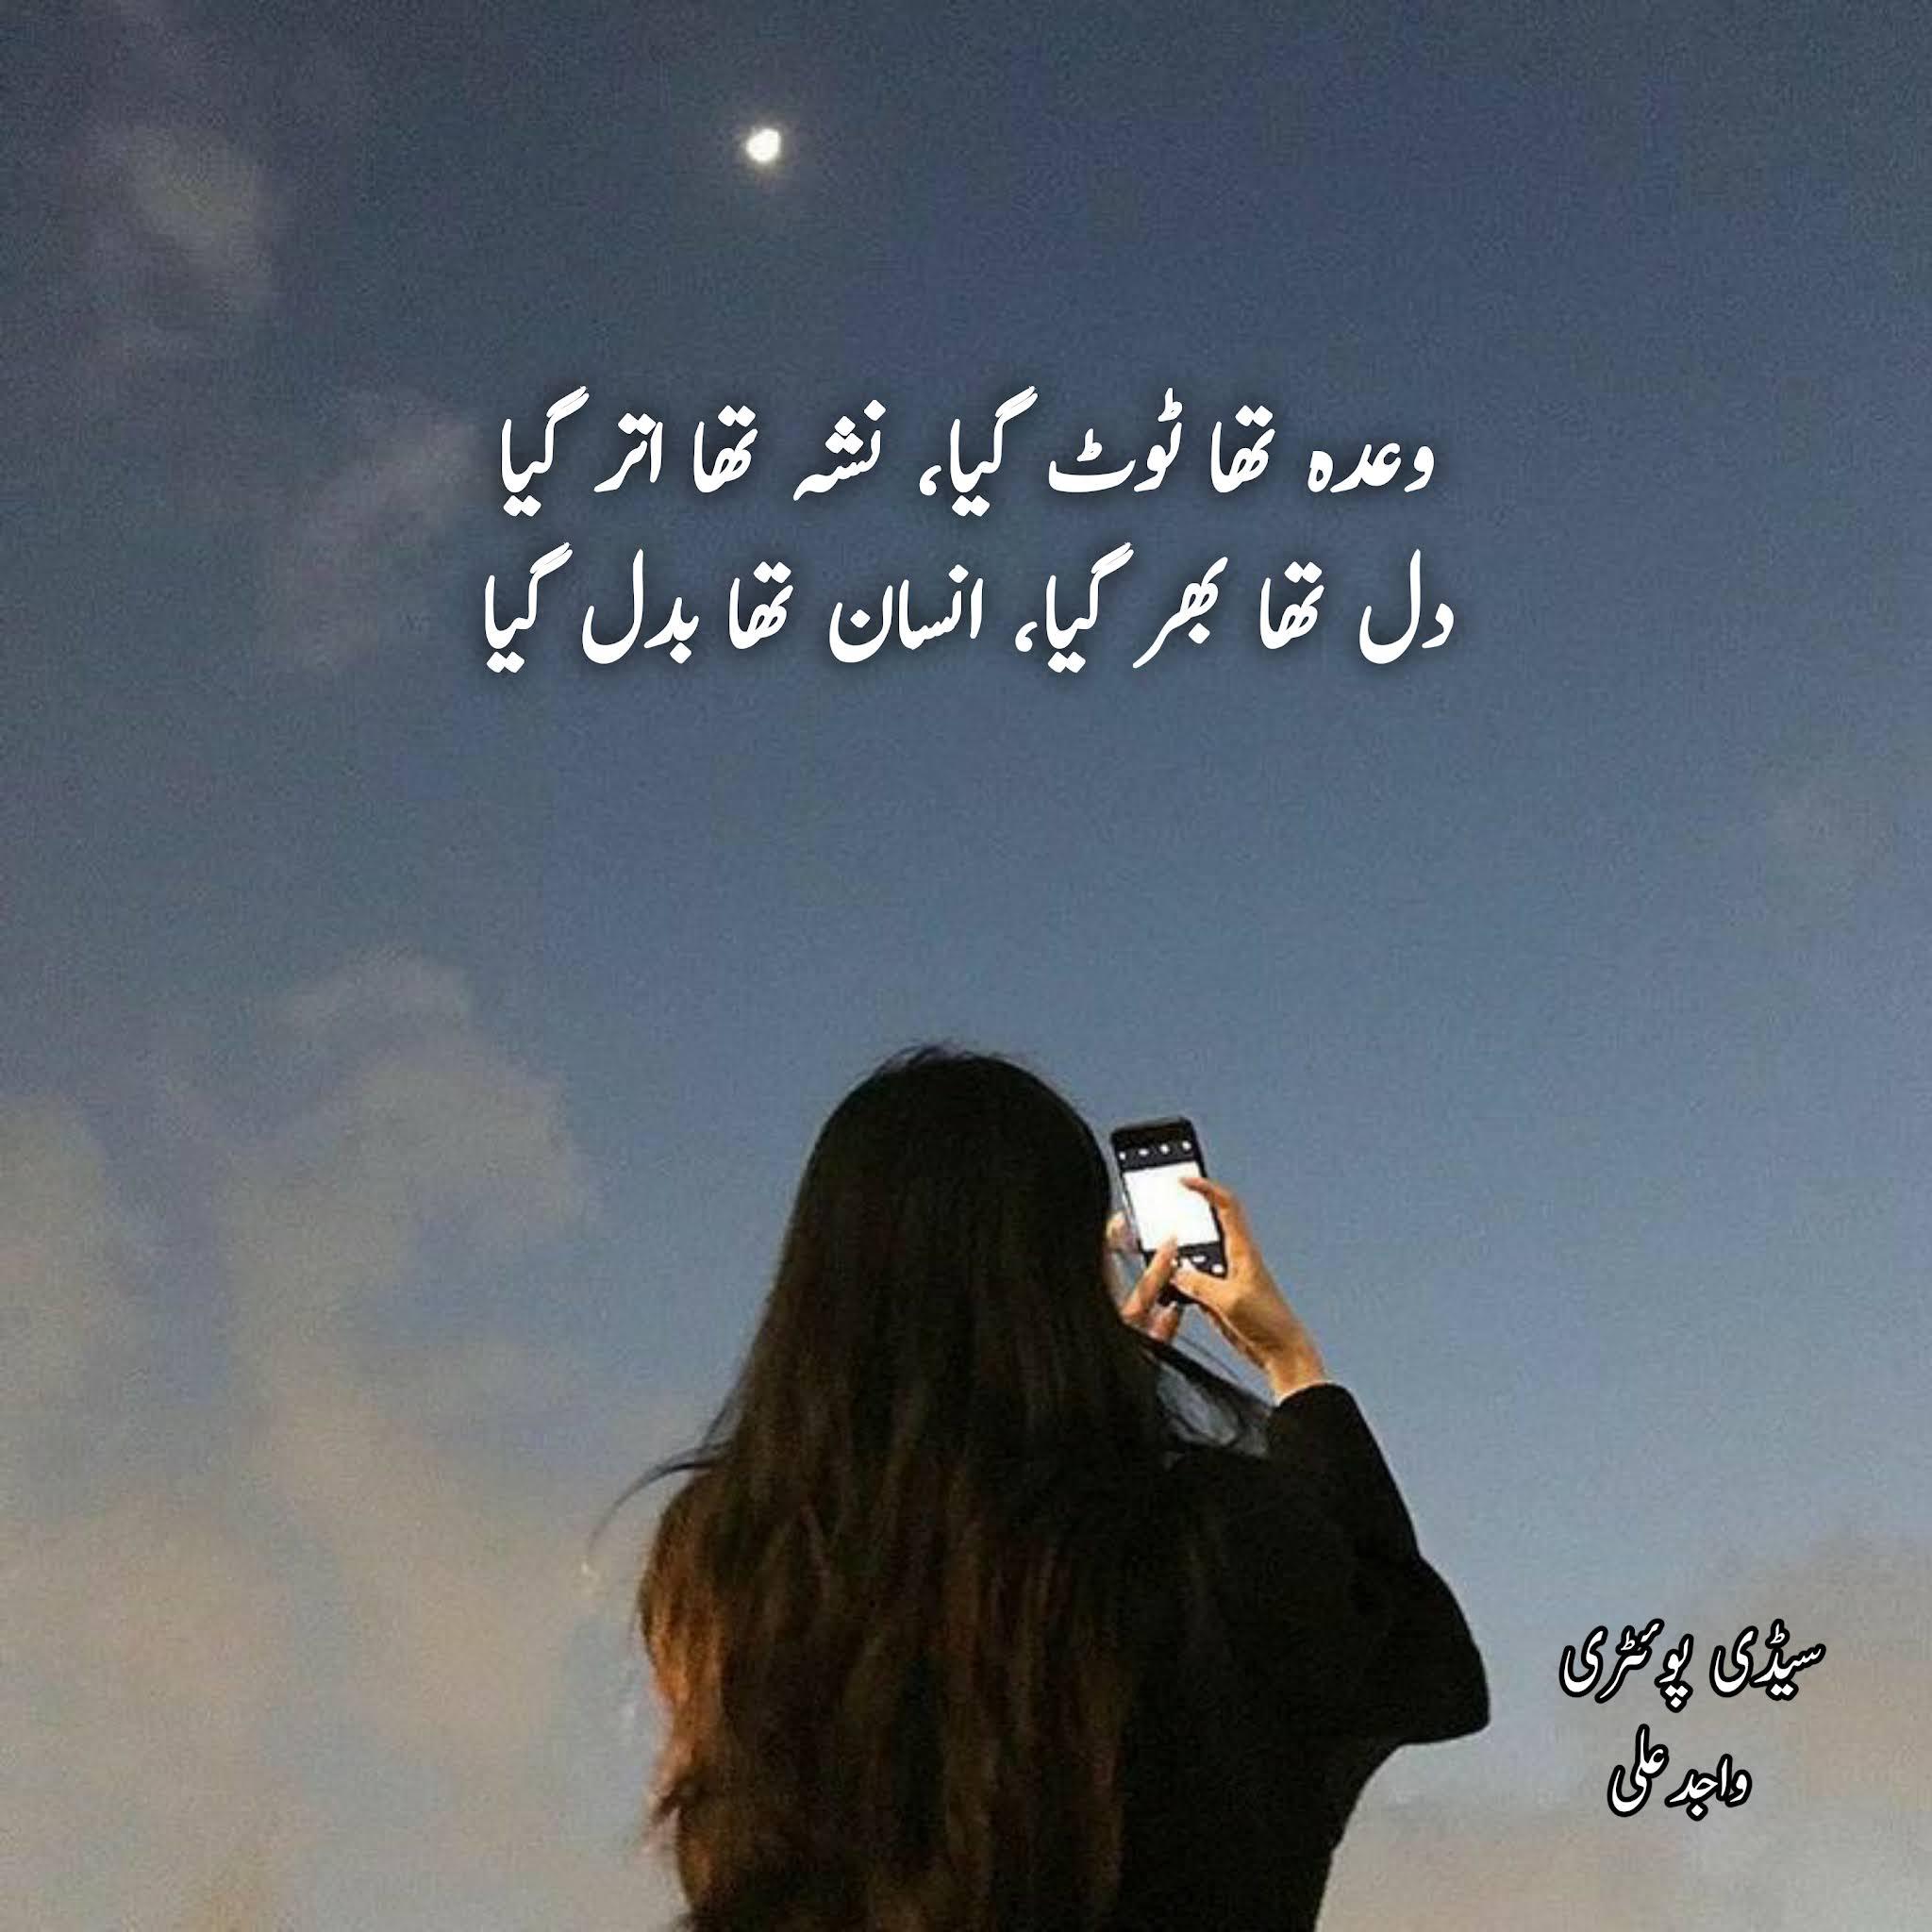 2 Lines Poetry In Urdu Sad Poetry in urdu text